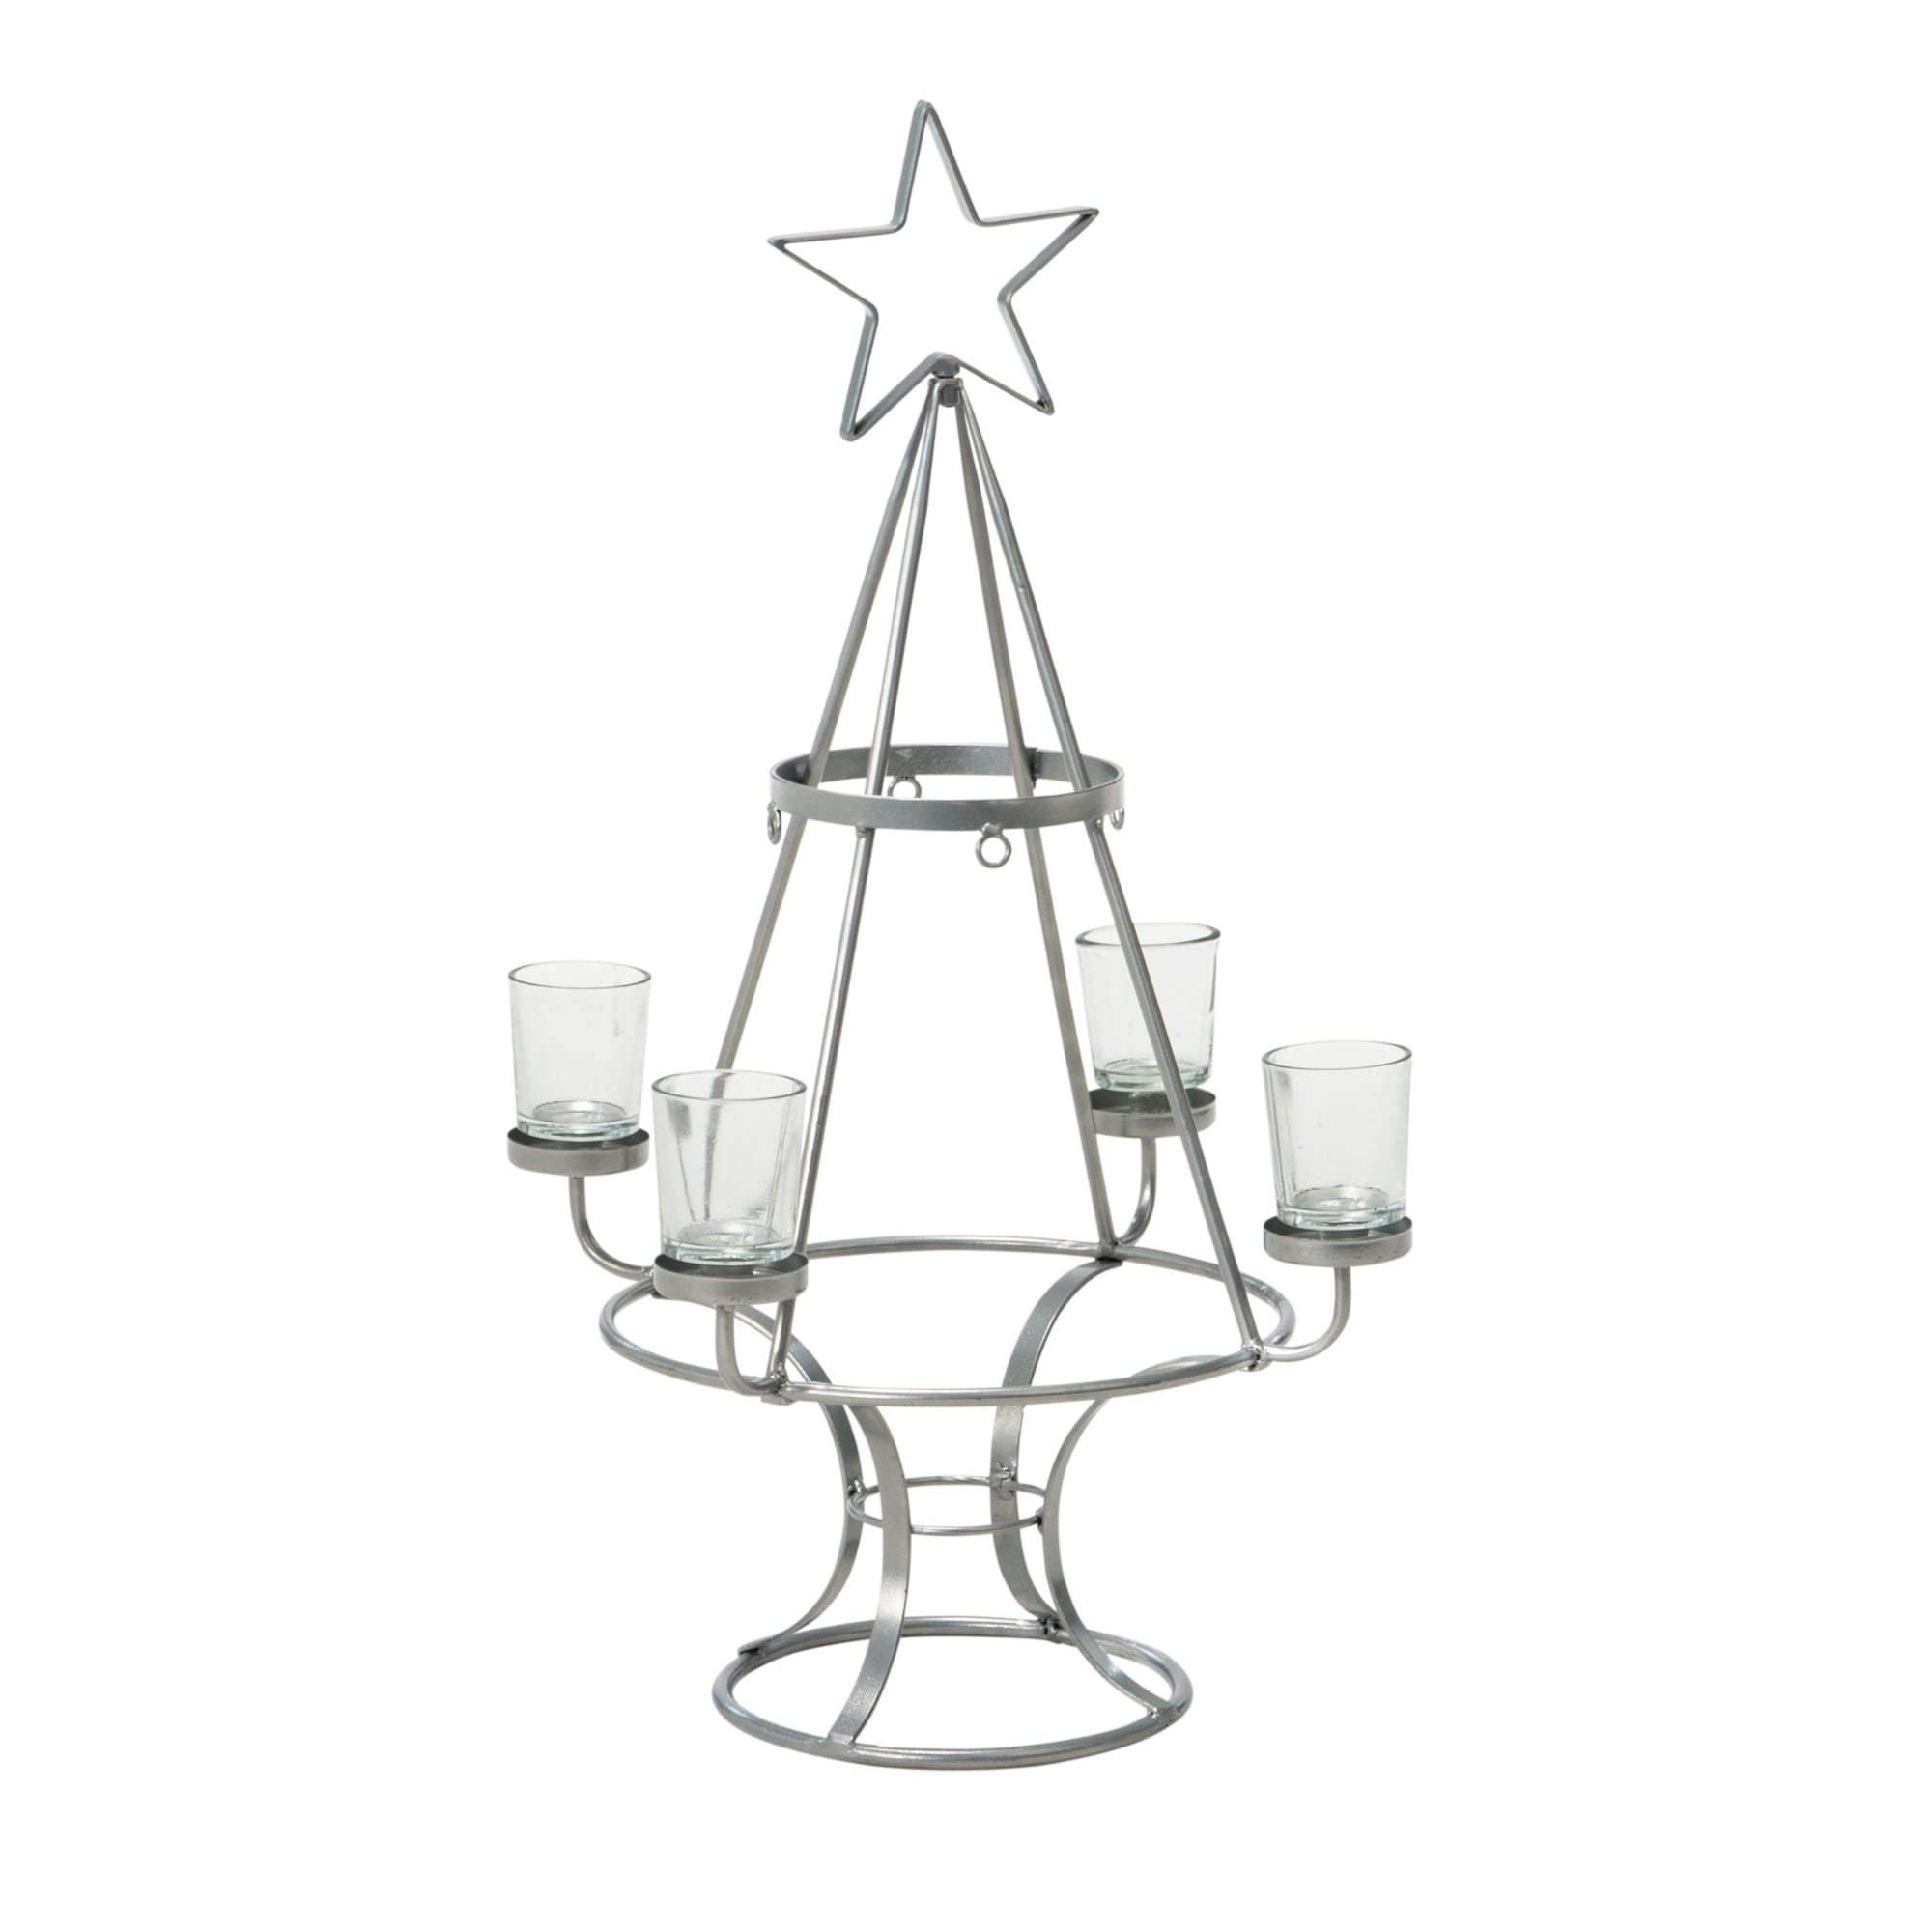 Deko-Objekt Weihnachtsbaum, Metall/ Glas, ca. H150 cm